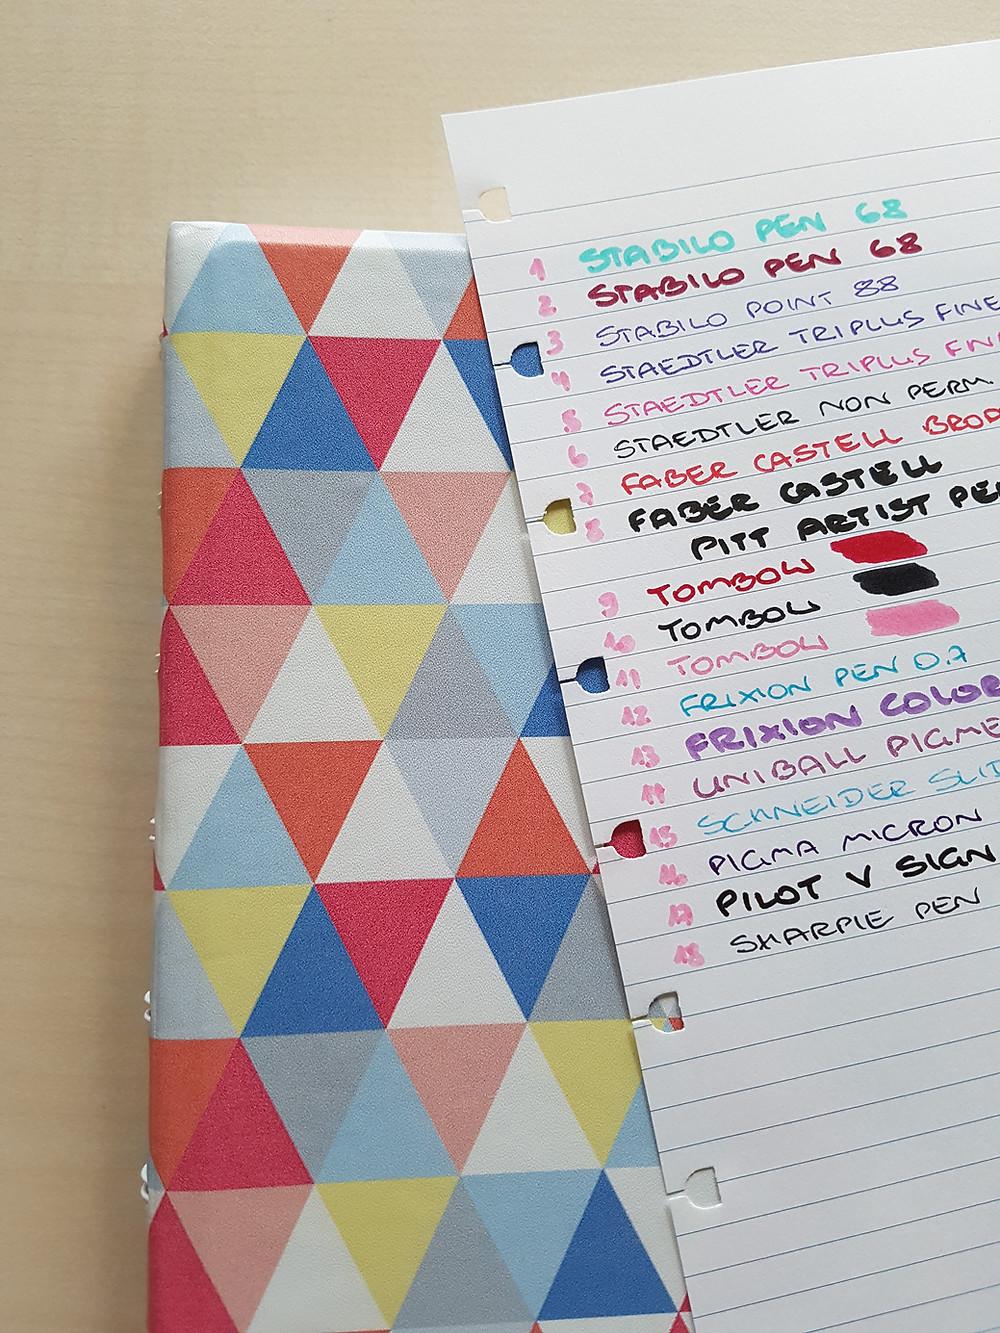 StickersSwissMade - blogpost - paper and pen test nbr 3 - filofax notebooks_5